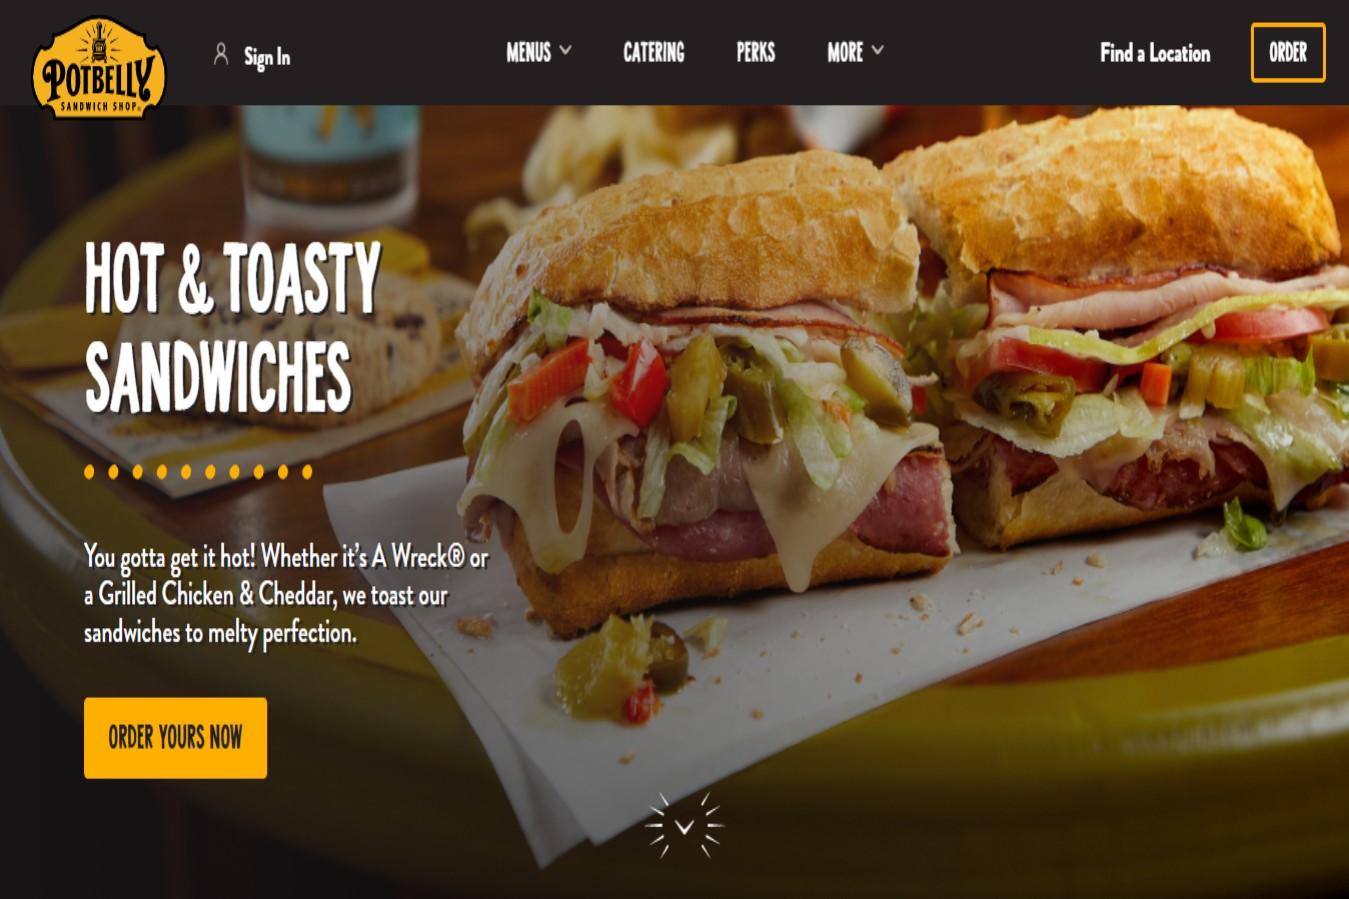 Potbelly's Best Sandwich Shops in Tucson, AZ